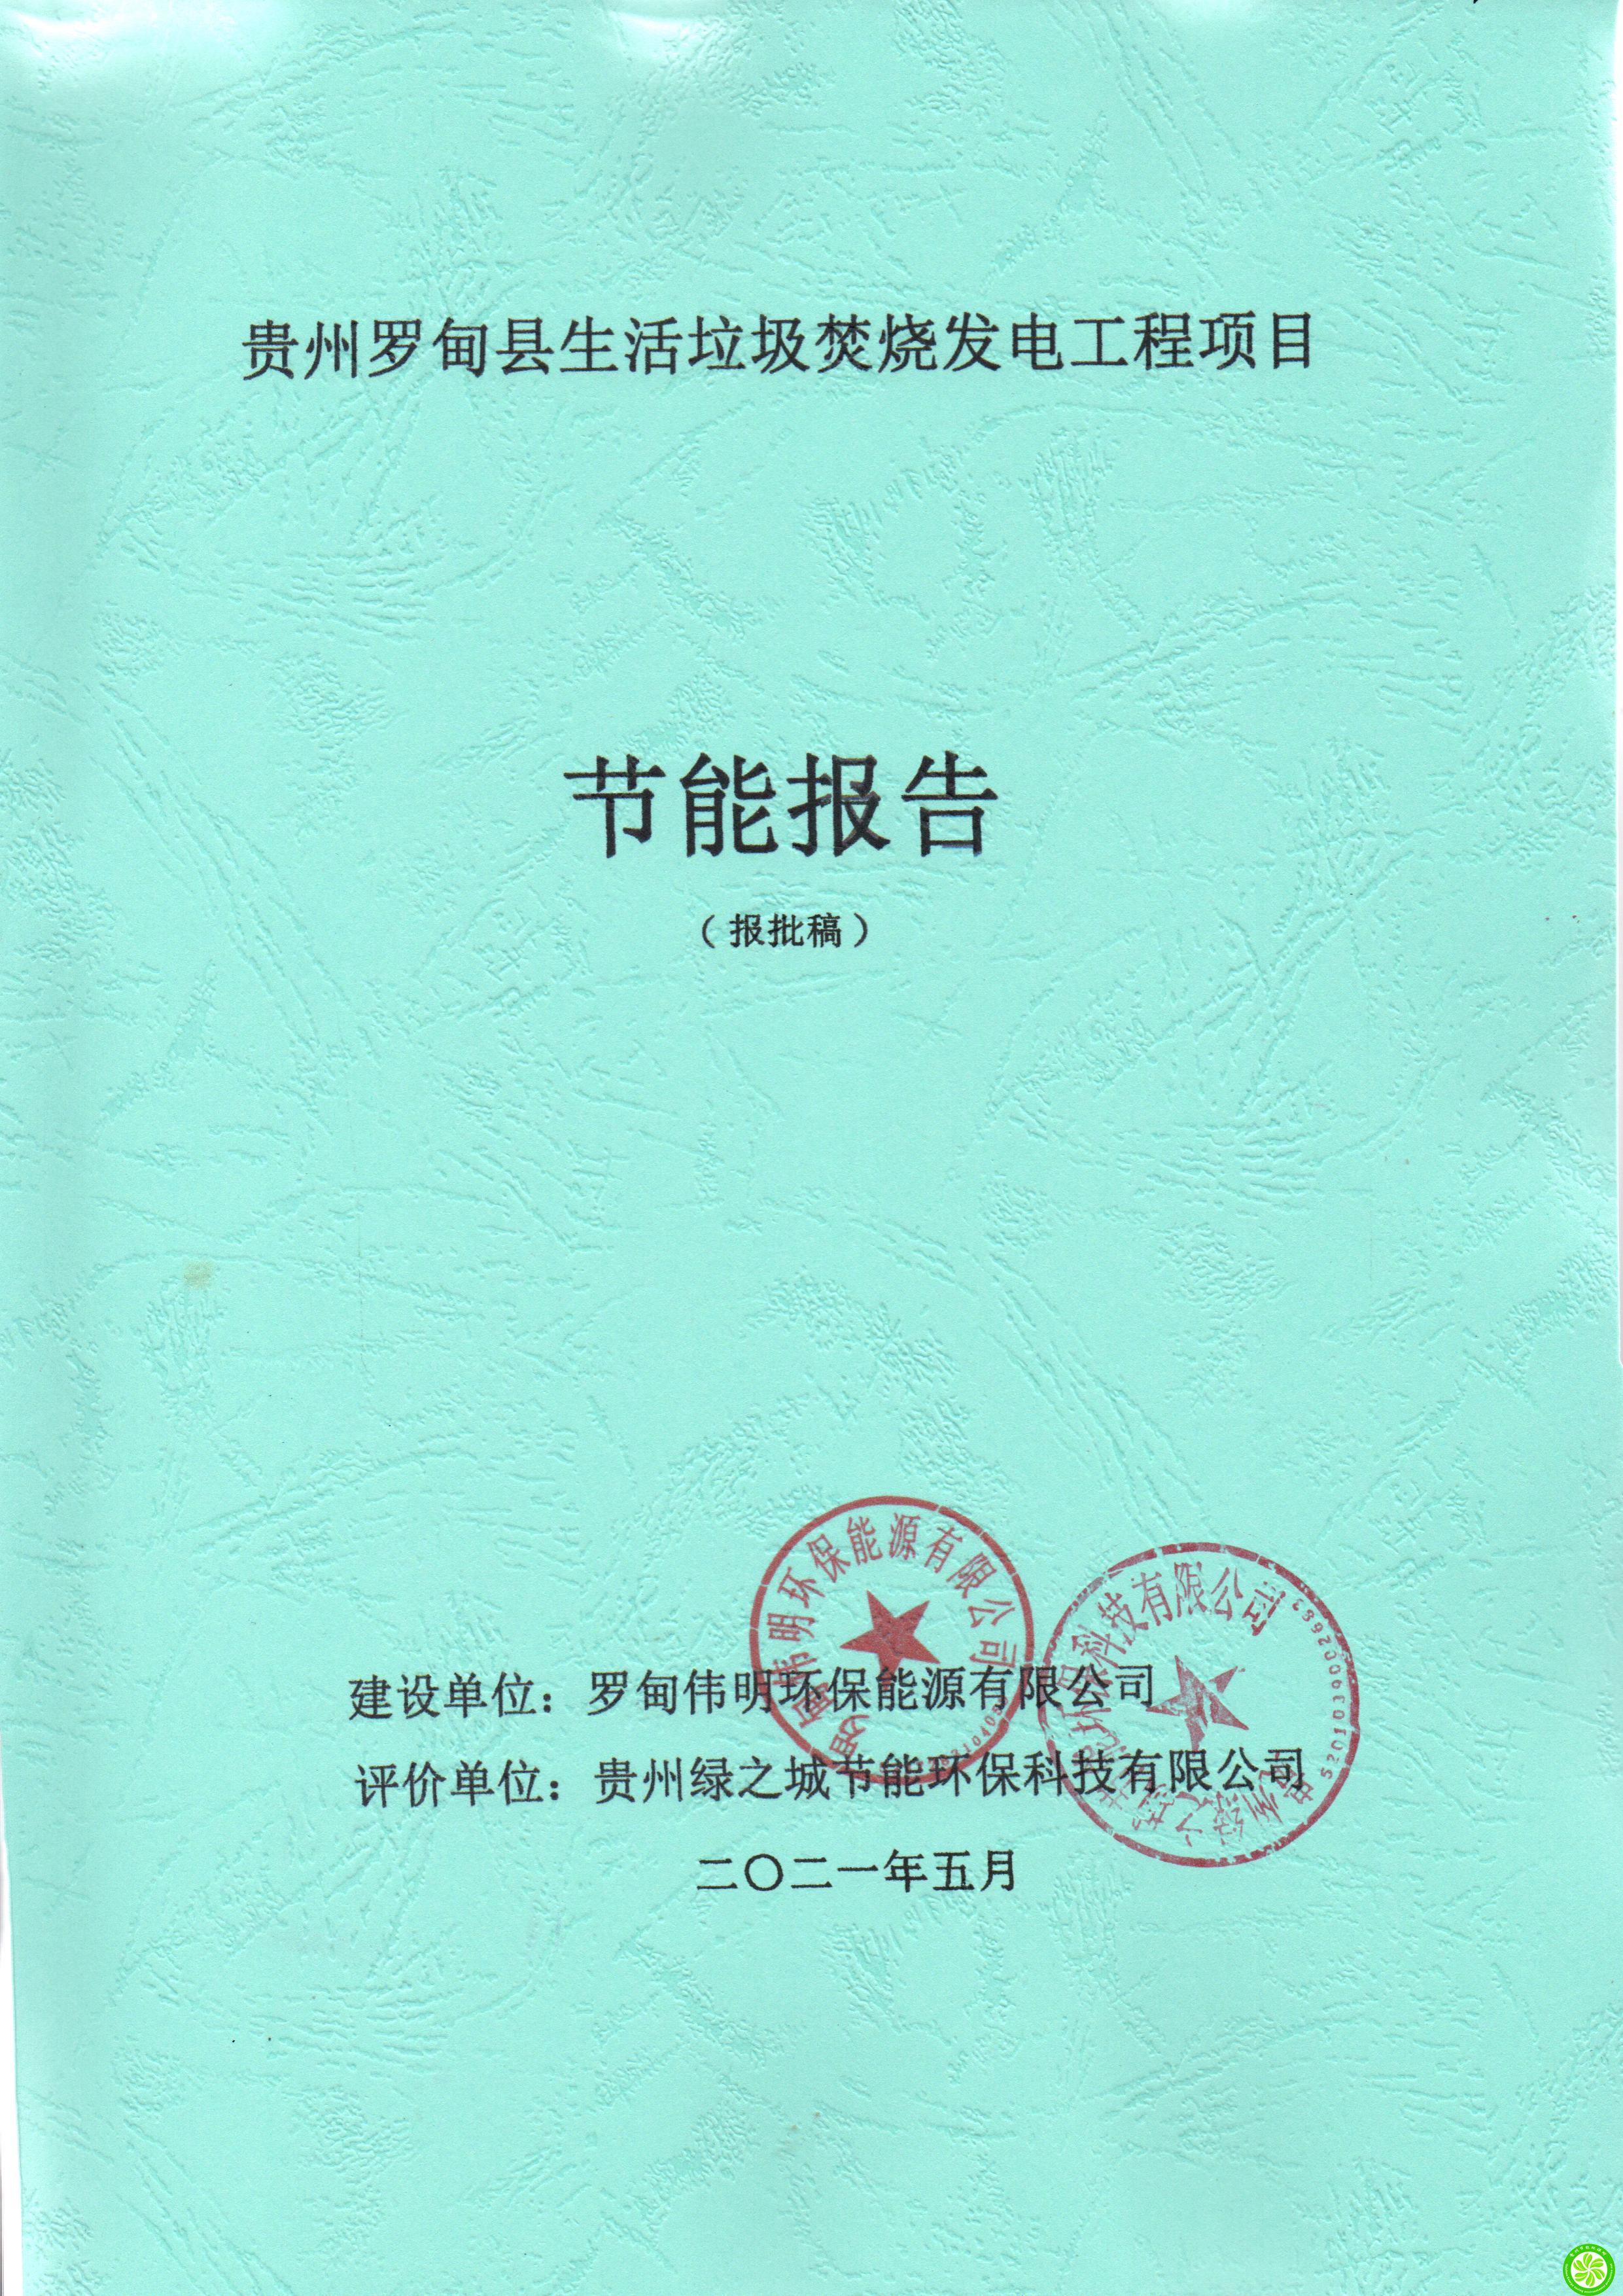 贵州罗甸县生活垃圾焚烧发电工程项目节能报告【罗甸伟明环保能源有限公司】